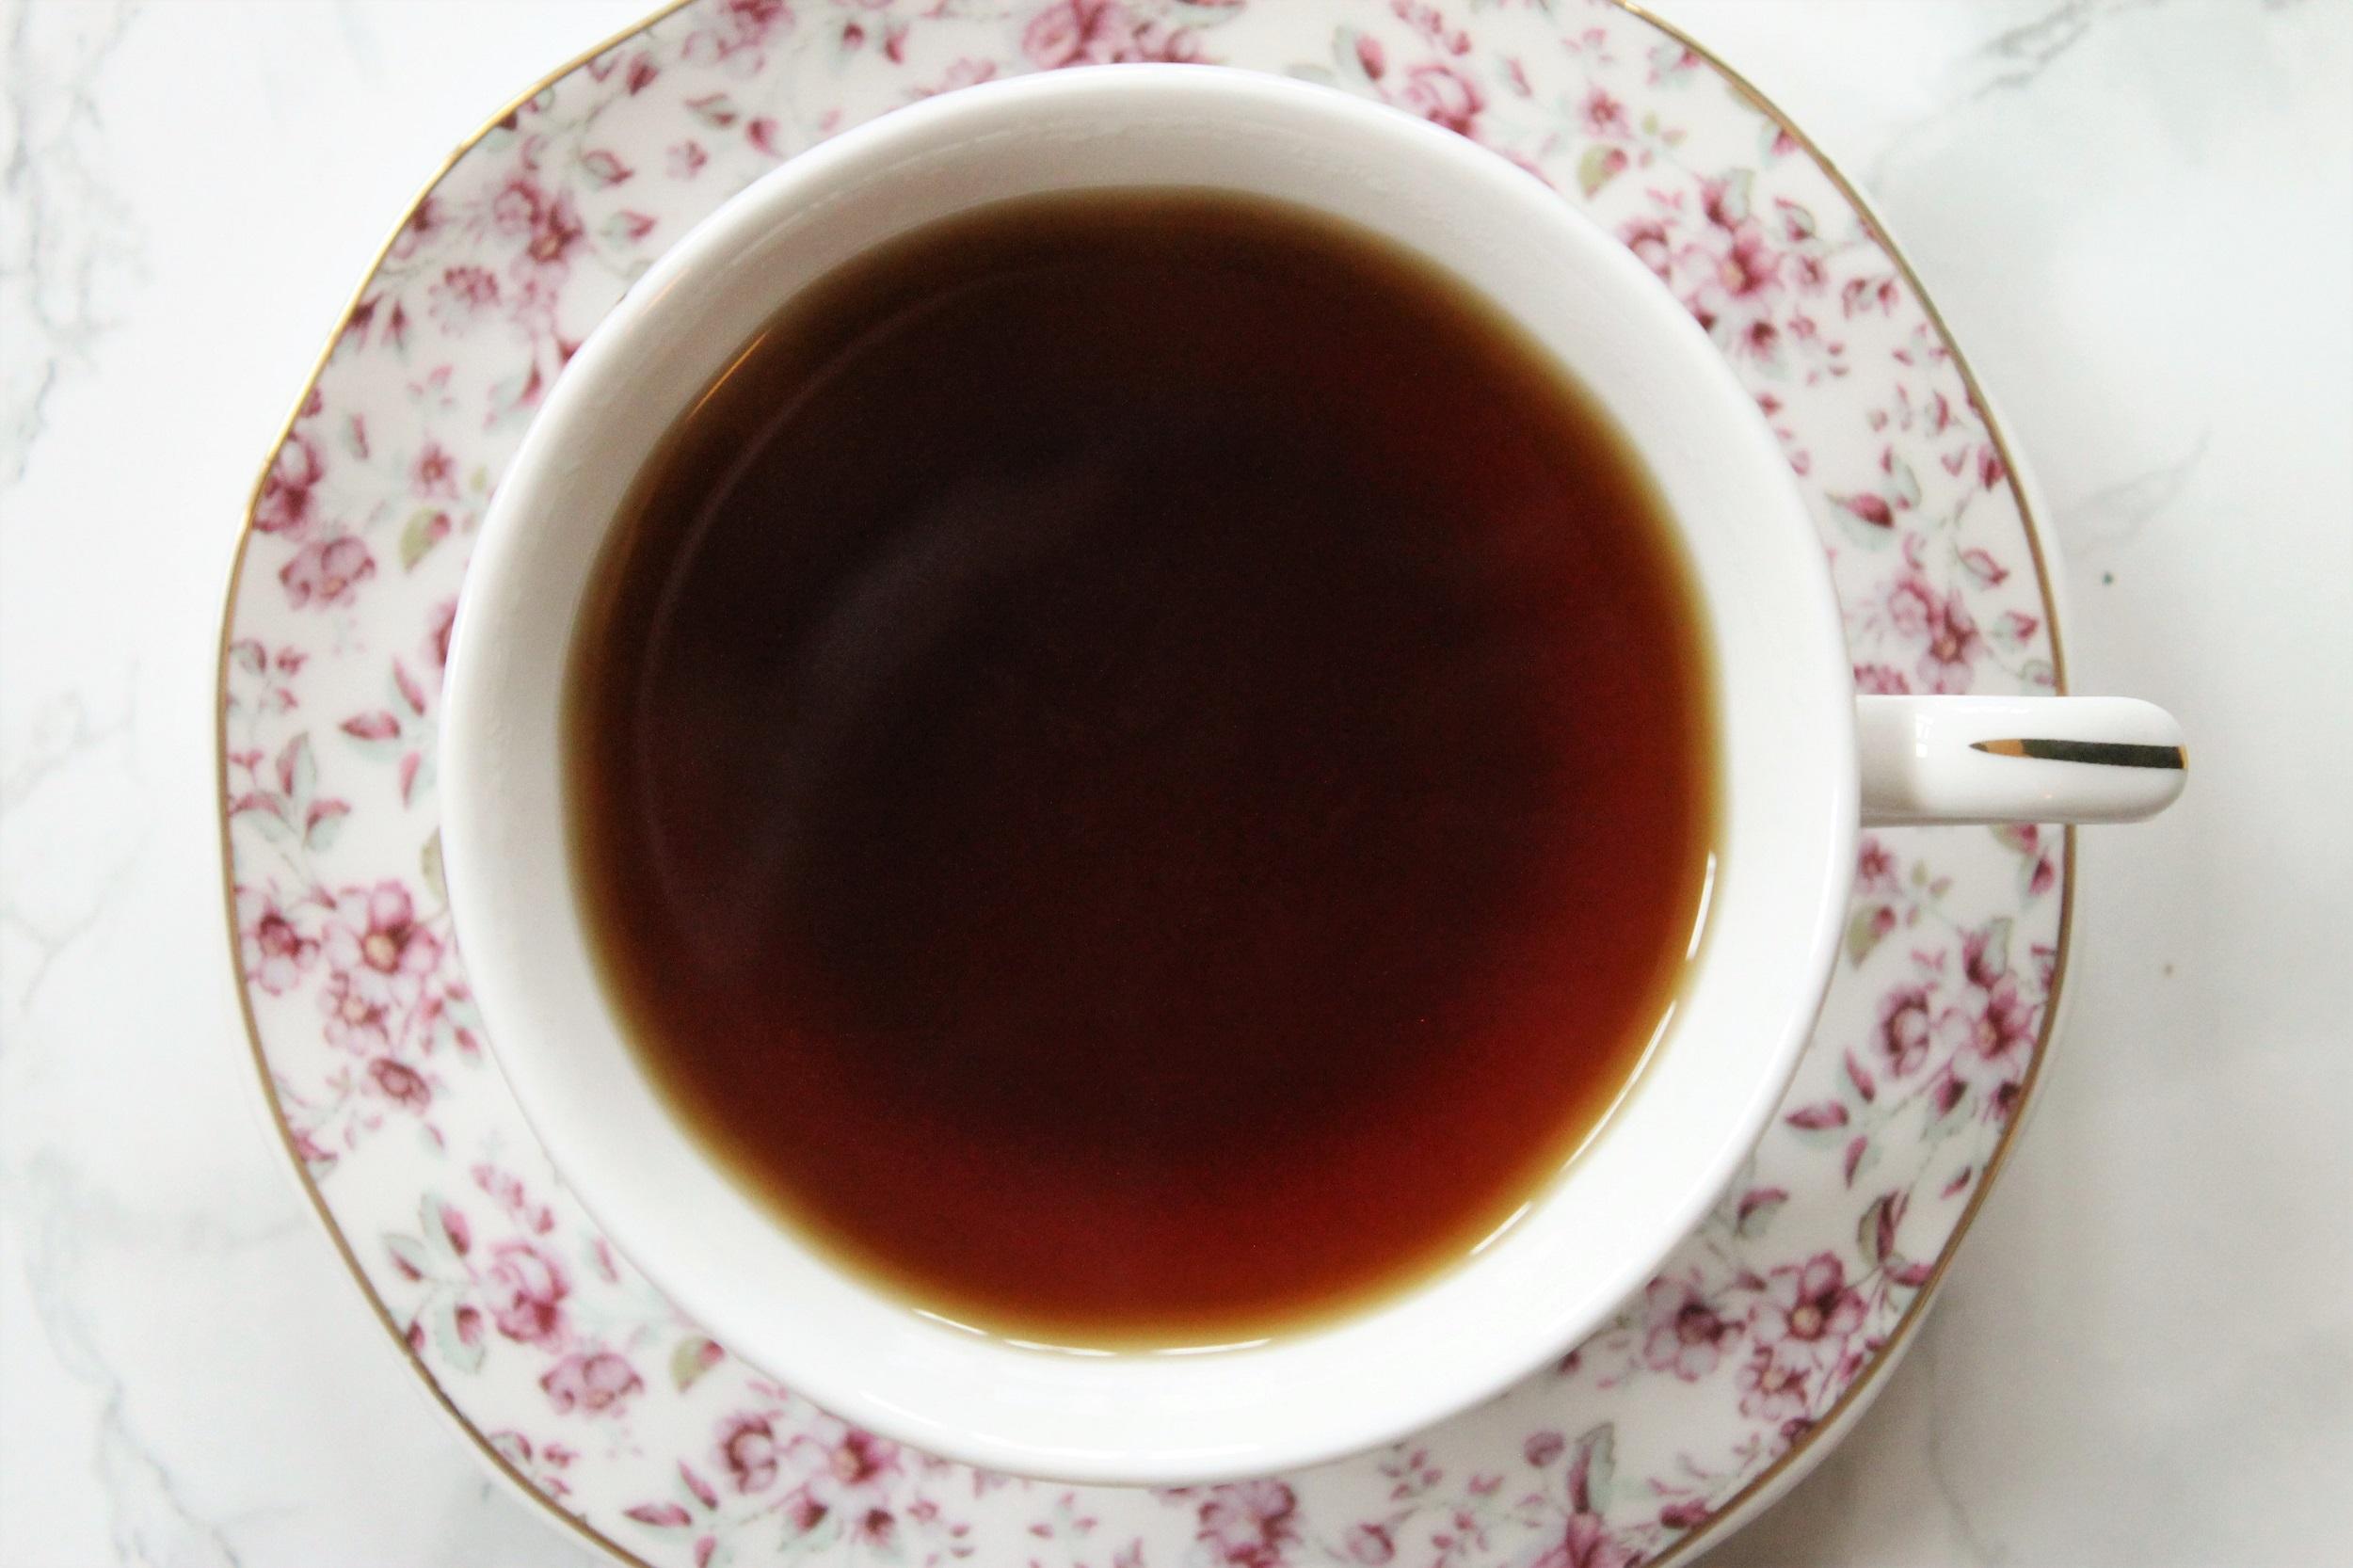 boh rose lychee tea cup